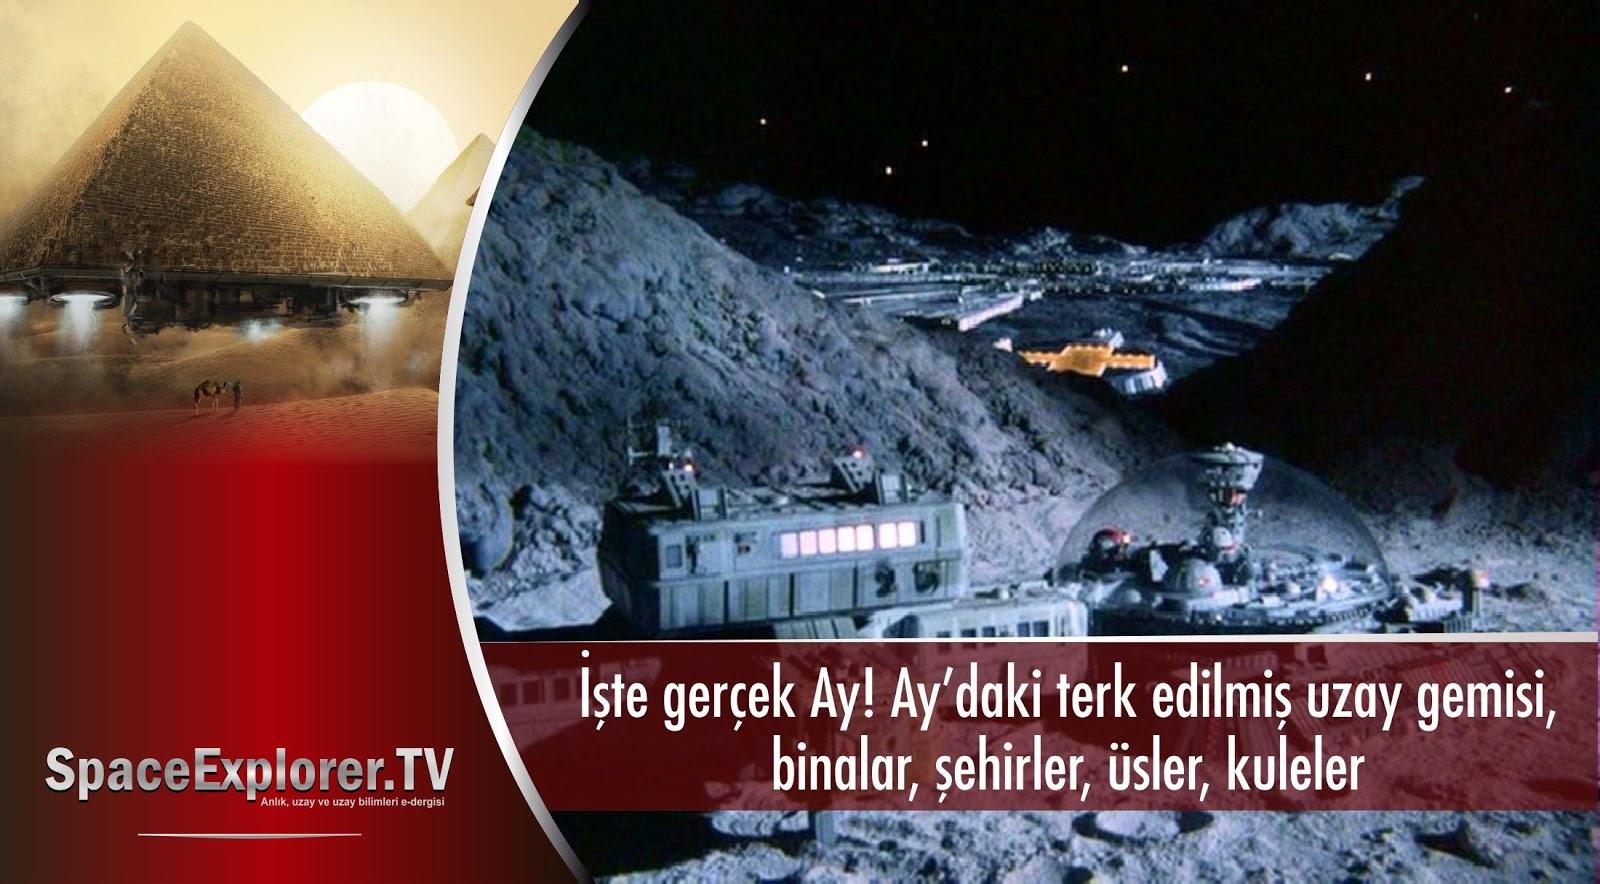 videolar, Ay, Ay'daki gizli üsler, gizli askeri üsler, Gizli uzaylı üsleri, Gizli yer altı üsleri, NASA neden gizliyor, Apollo 18, Ay'daki antik şehir, Uzayda hayat var mı?,